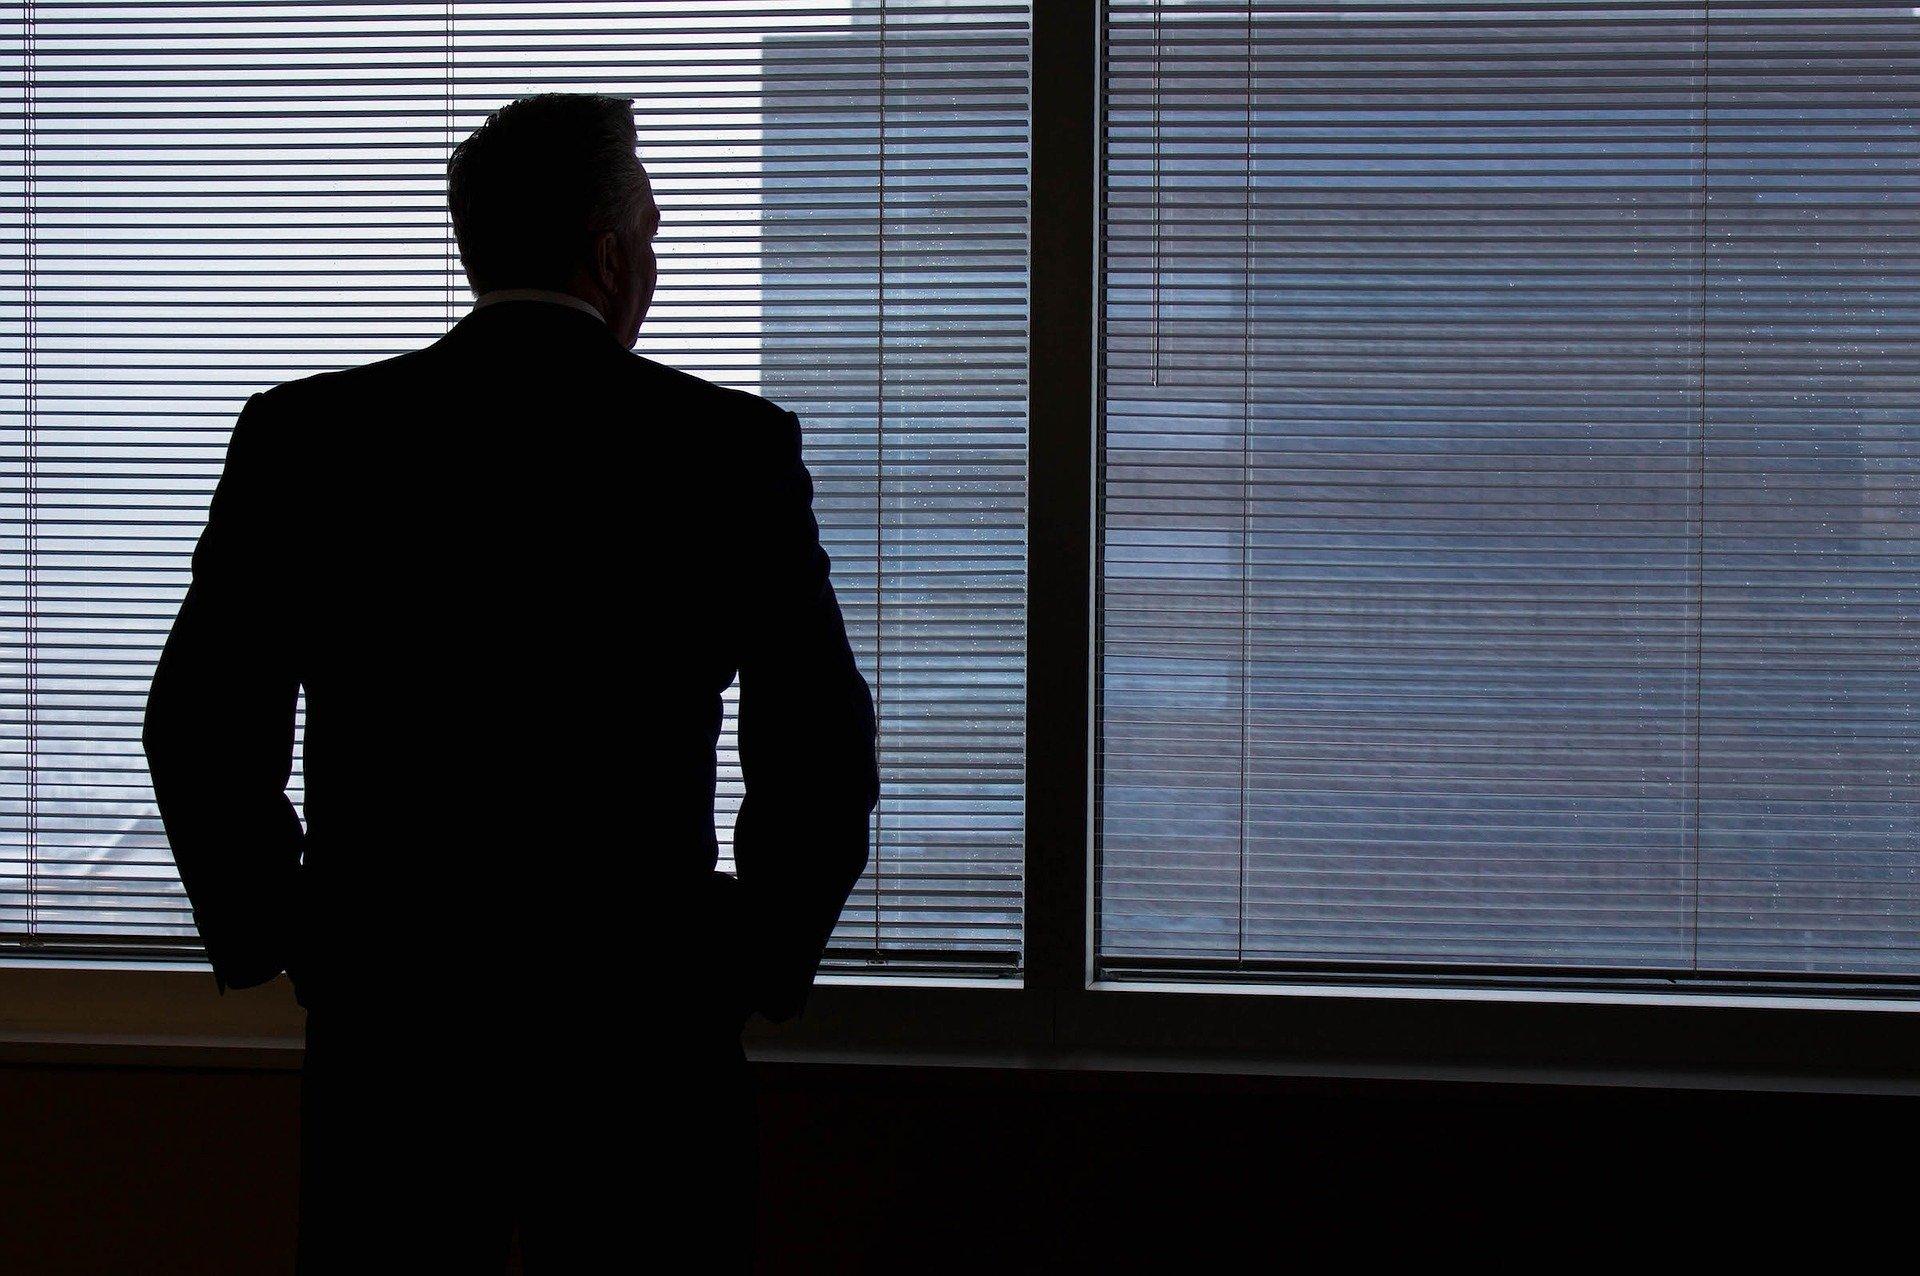 Als Unternehmensberater selbständig machen